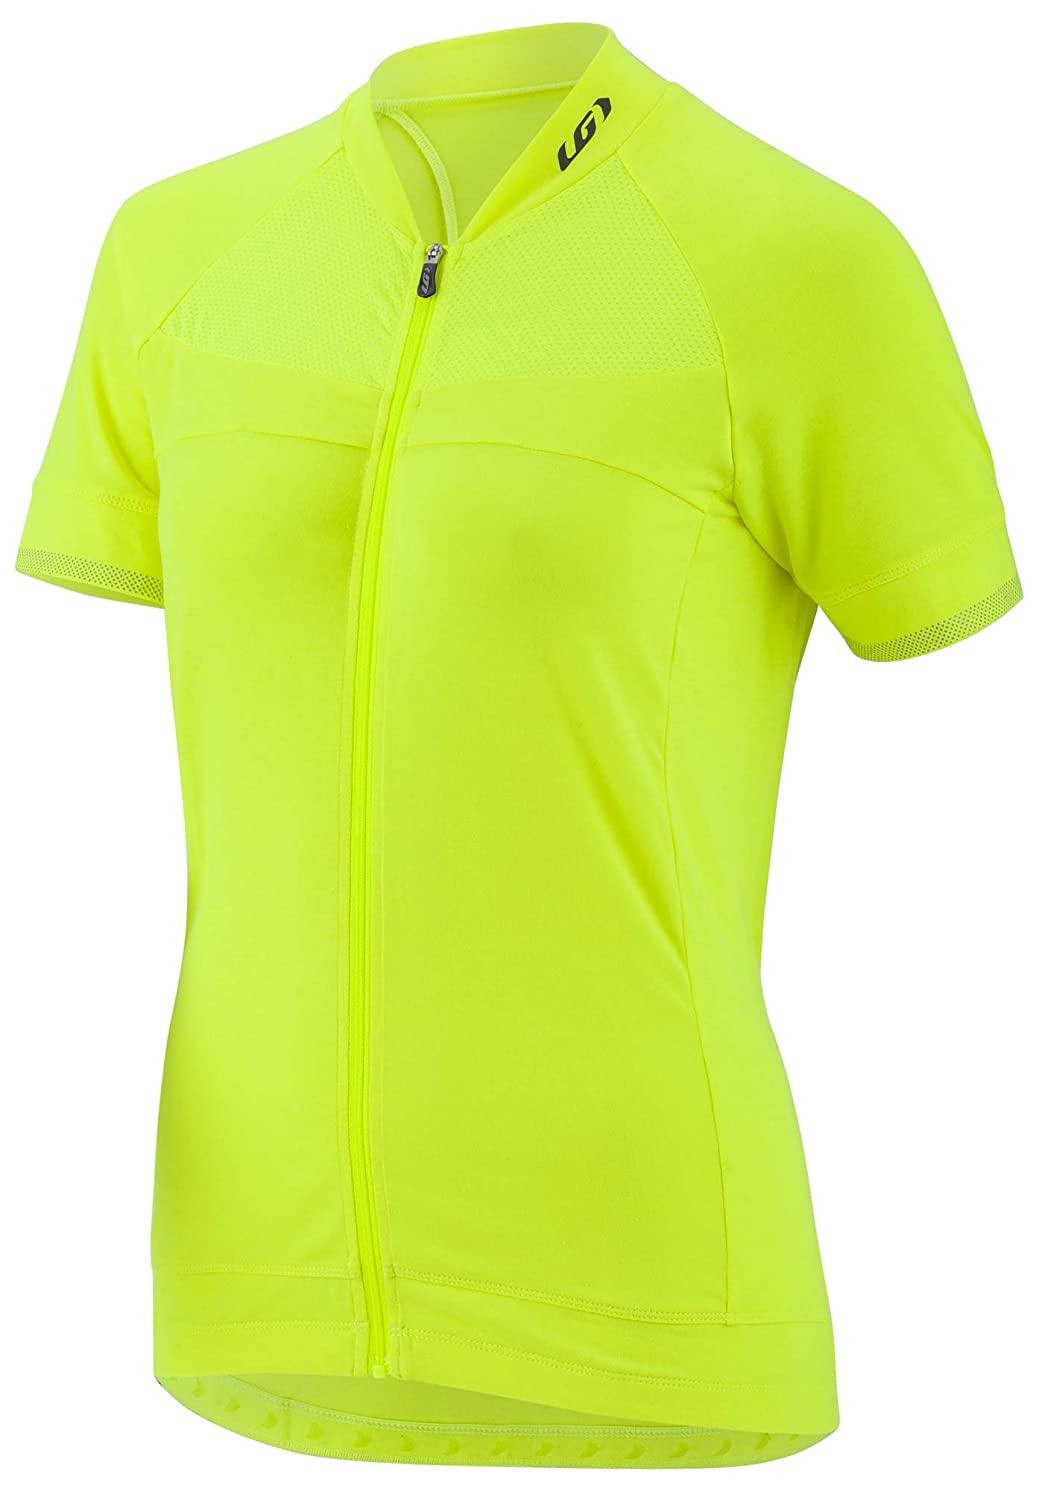 Louis Garneau - Women's Beeze 2 Lightweight, Short Sleeve, Full Zip Cycling Jersey